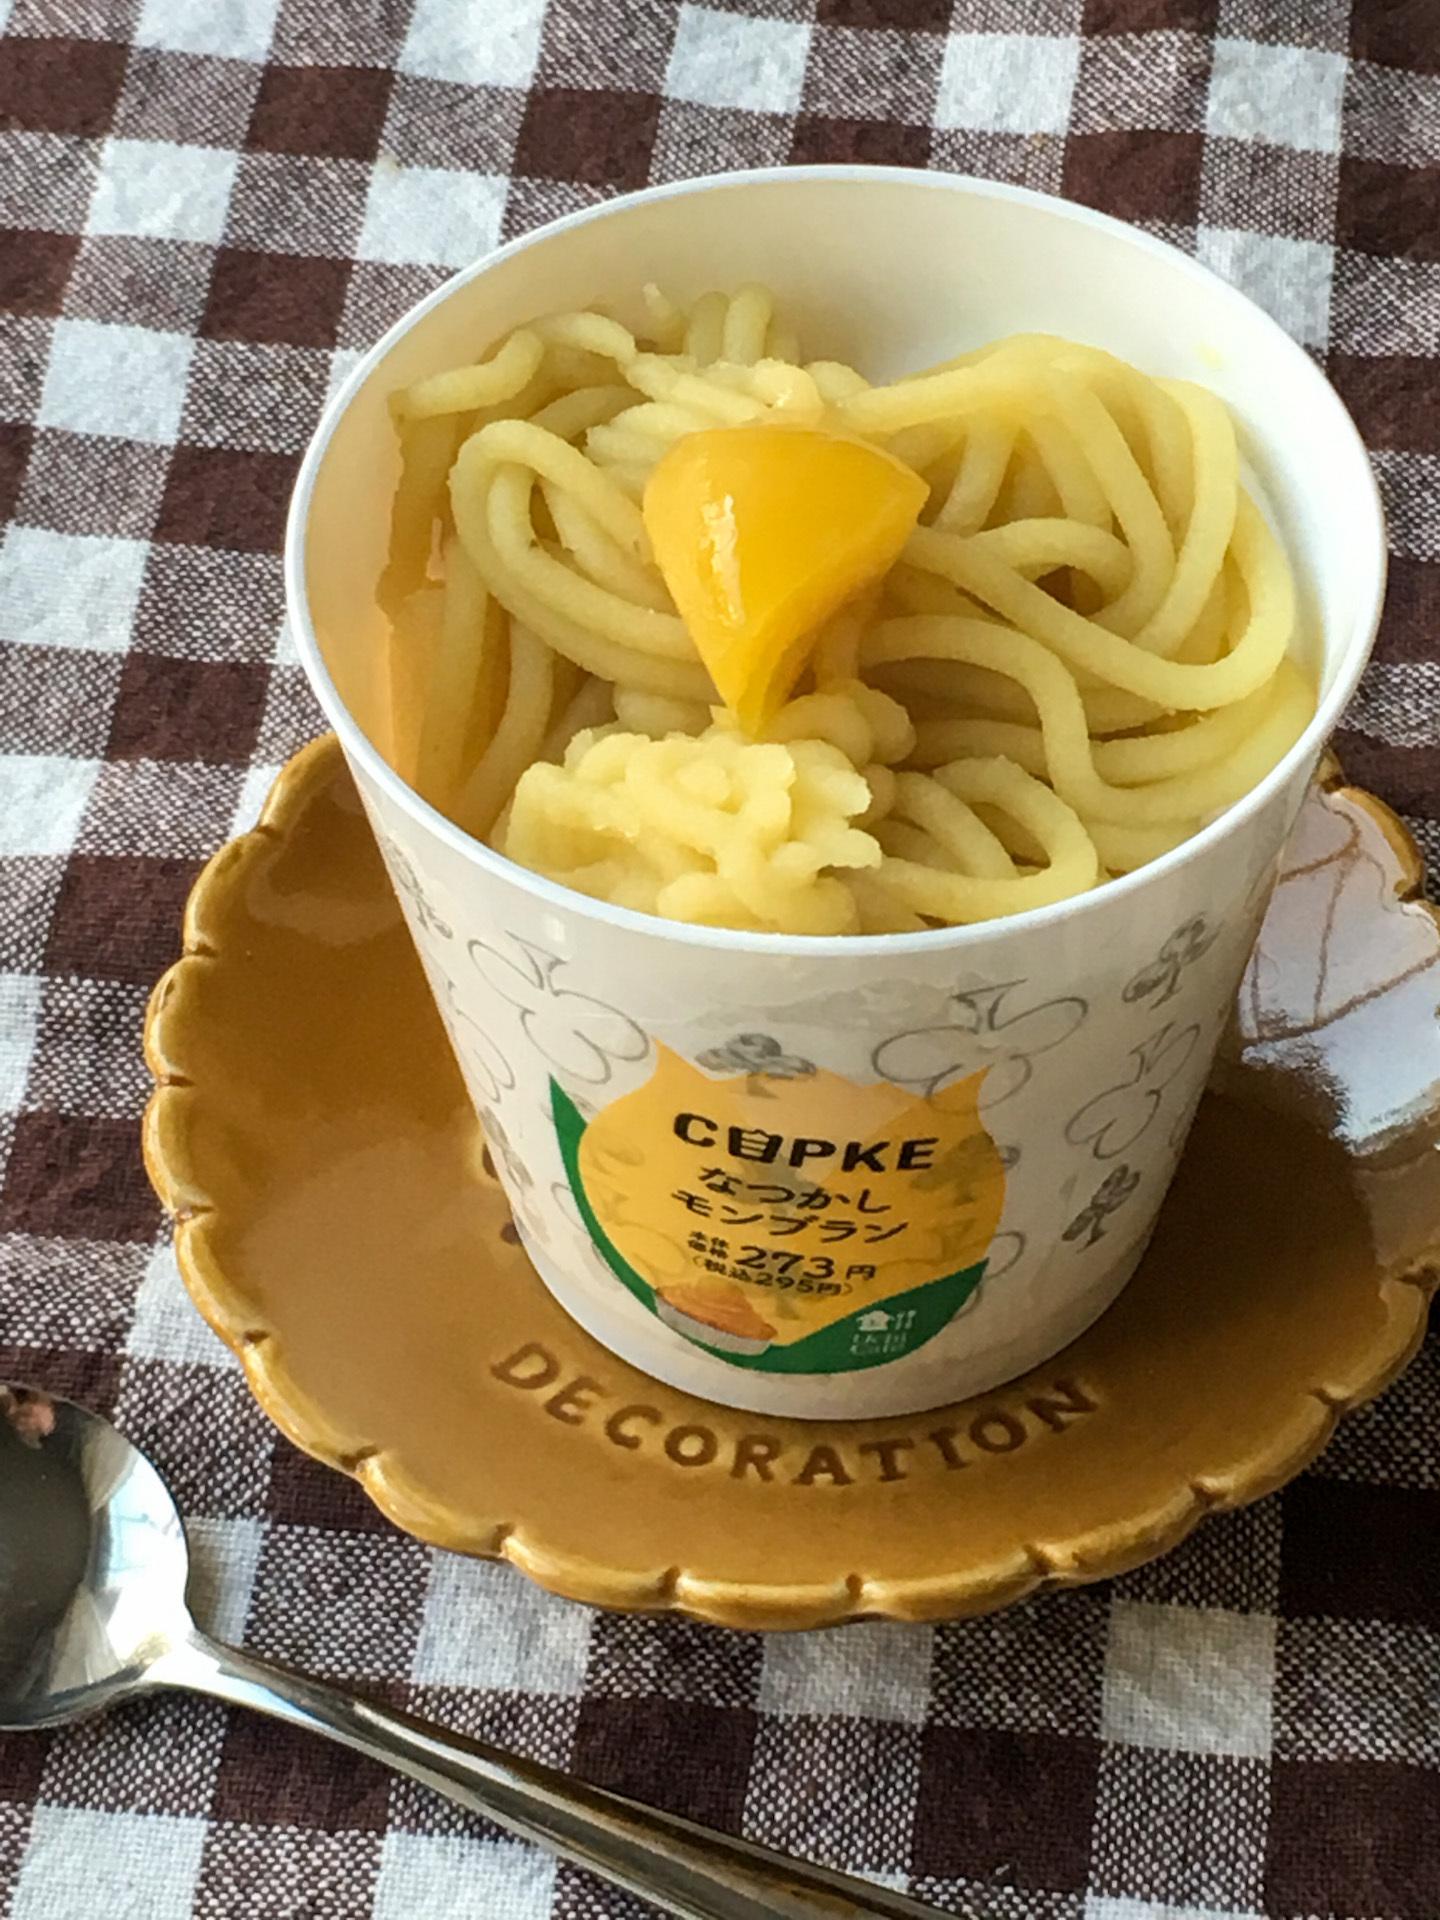 ローソン「CUPKE なつかしモンブラン」